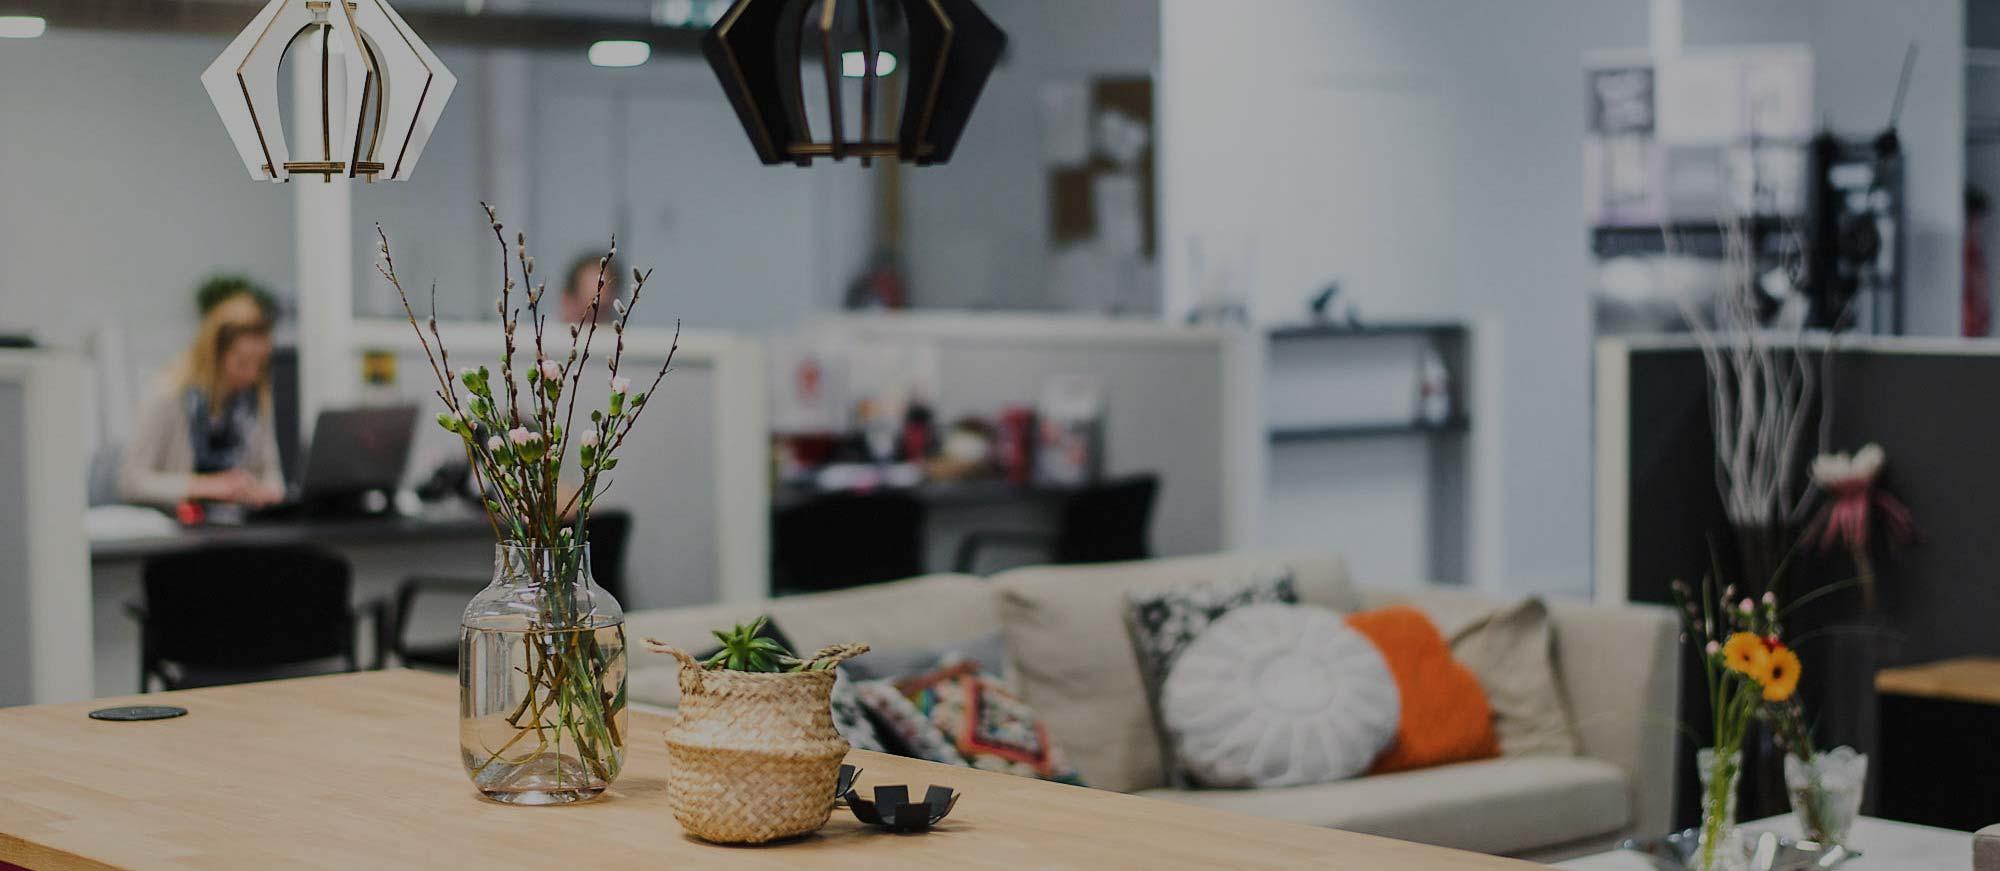 Keittiö Turku  Unique Home  Keittiöt ja kodin kiintokalusteet